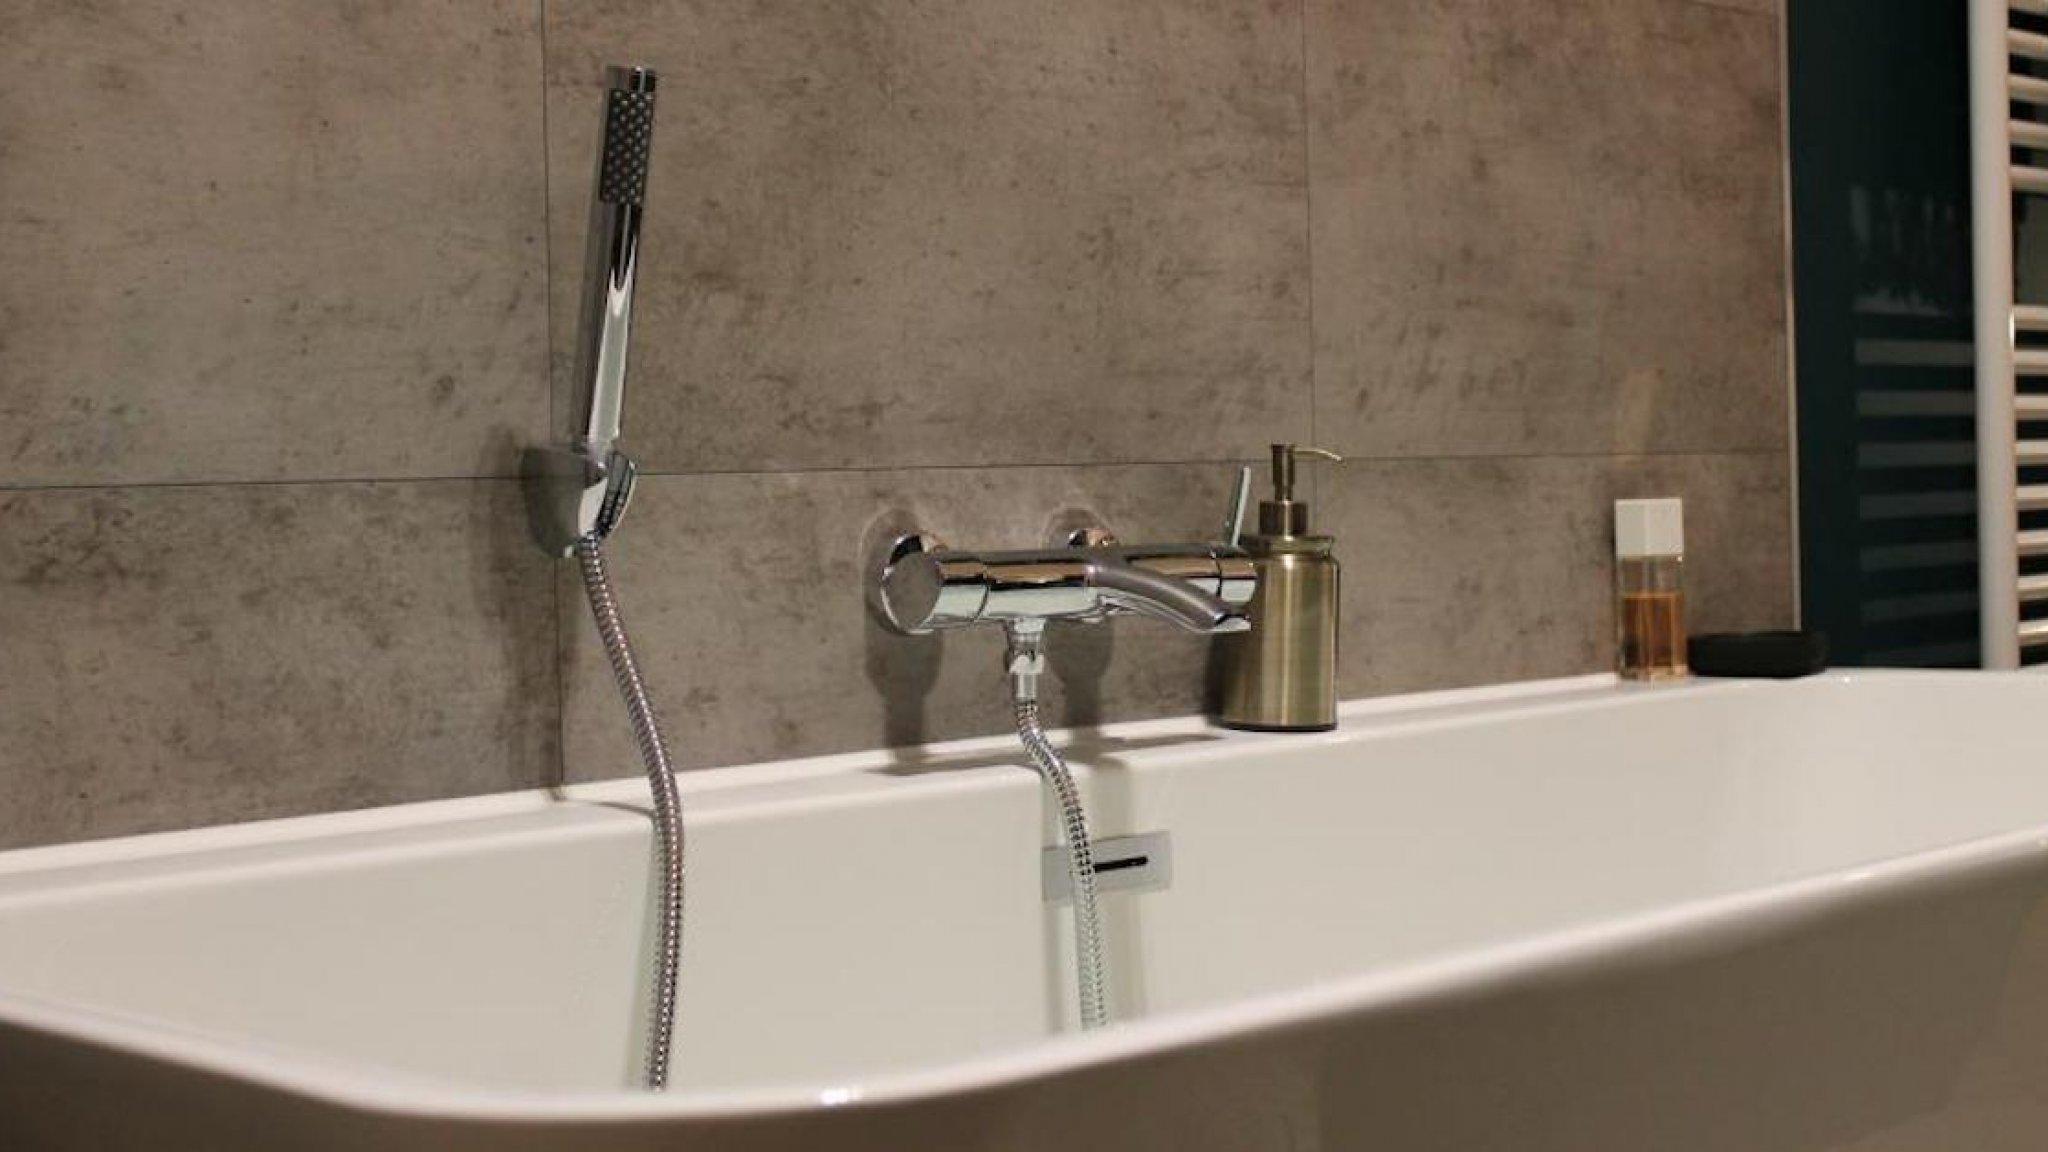 Alles Wat Je Moet Weten Over Kunststof Tegels In De Badkamer Rtl Nieuws